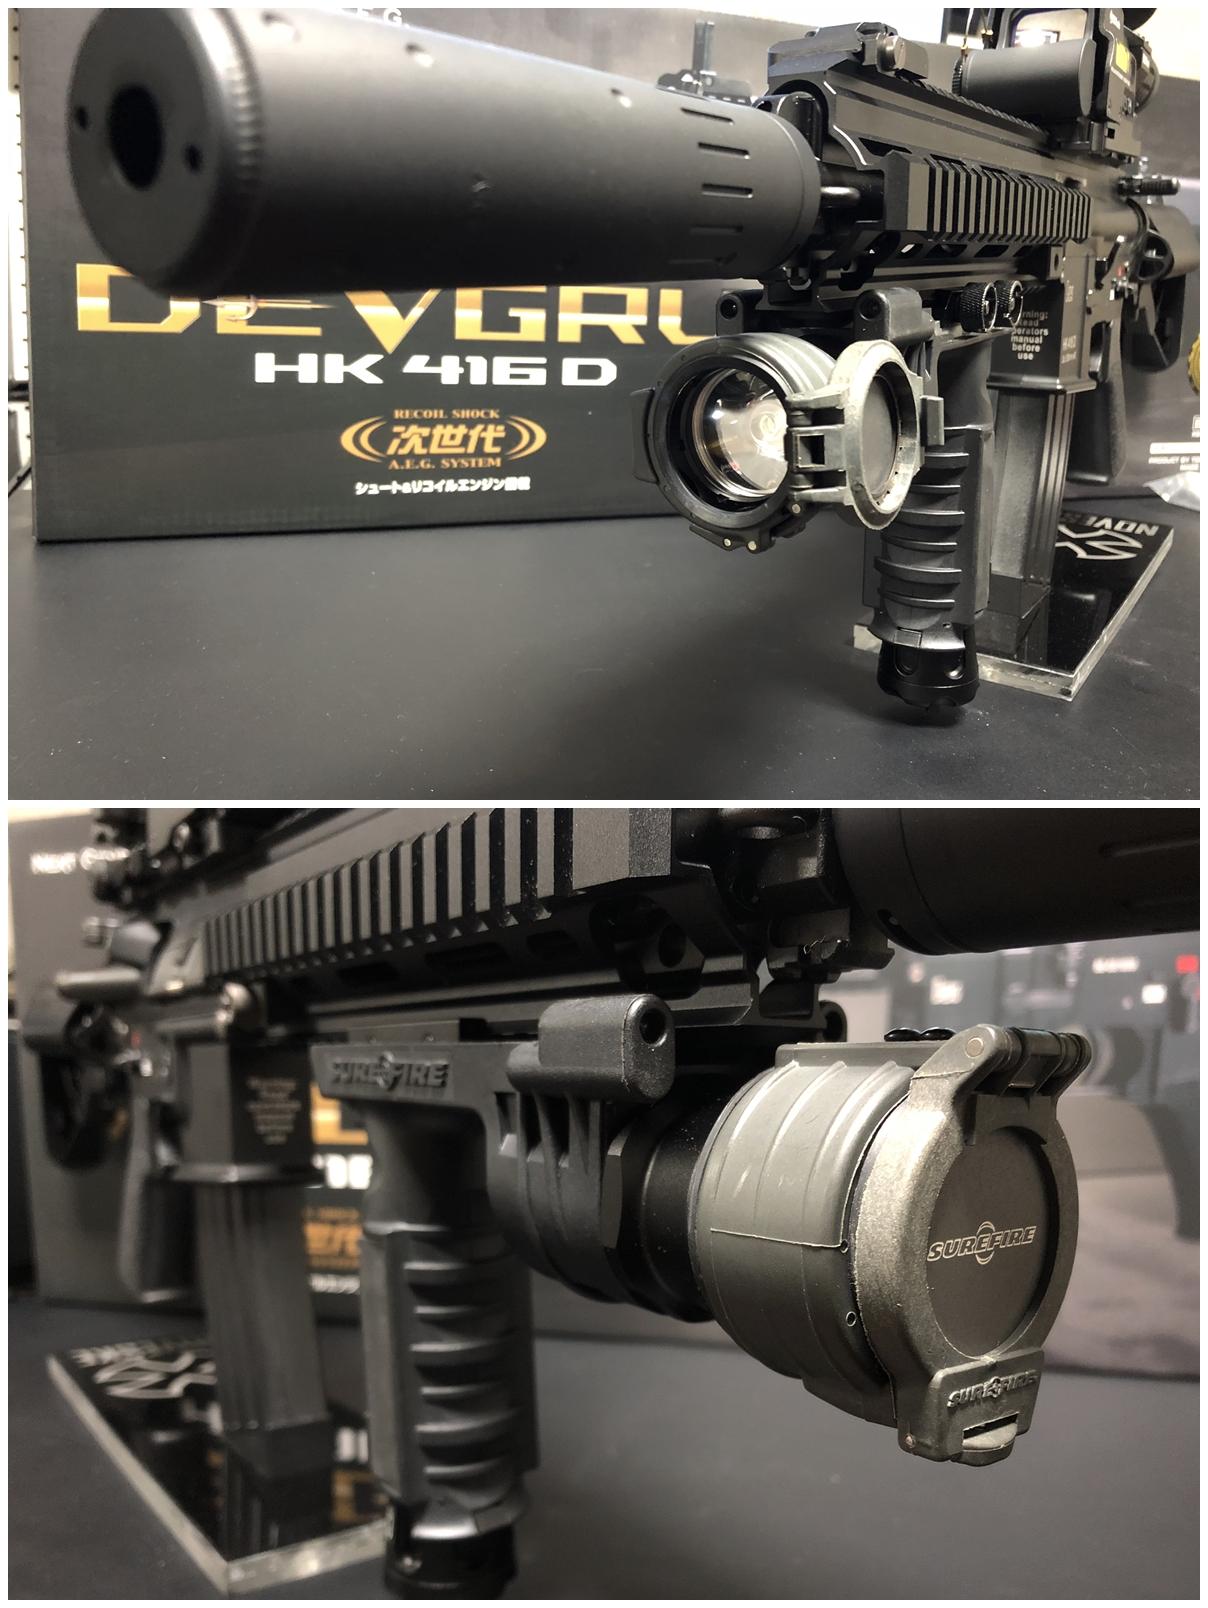 27 東京マルイ 次世代電動ガン HK416D DEVGRU デブグル アメリカ海軍特殊部隊 DEVGRU Seal Team6 新品 箱出し カスタム お勧めパーツ 取付 レビュー